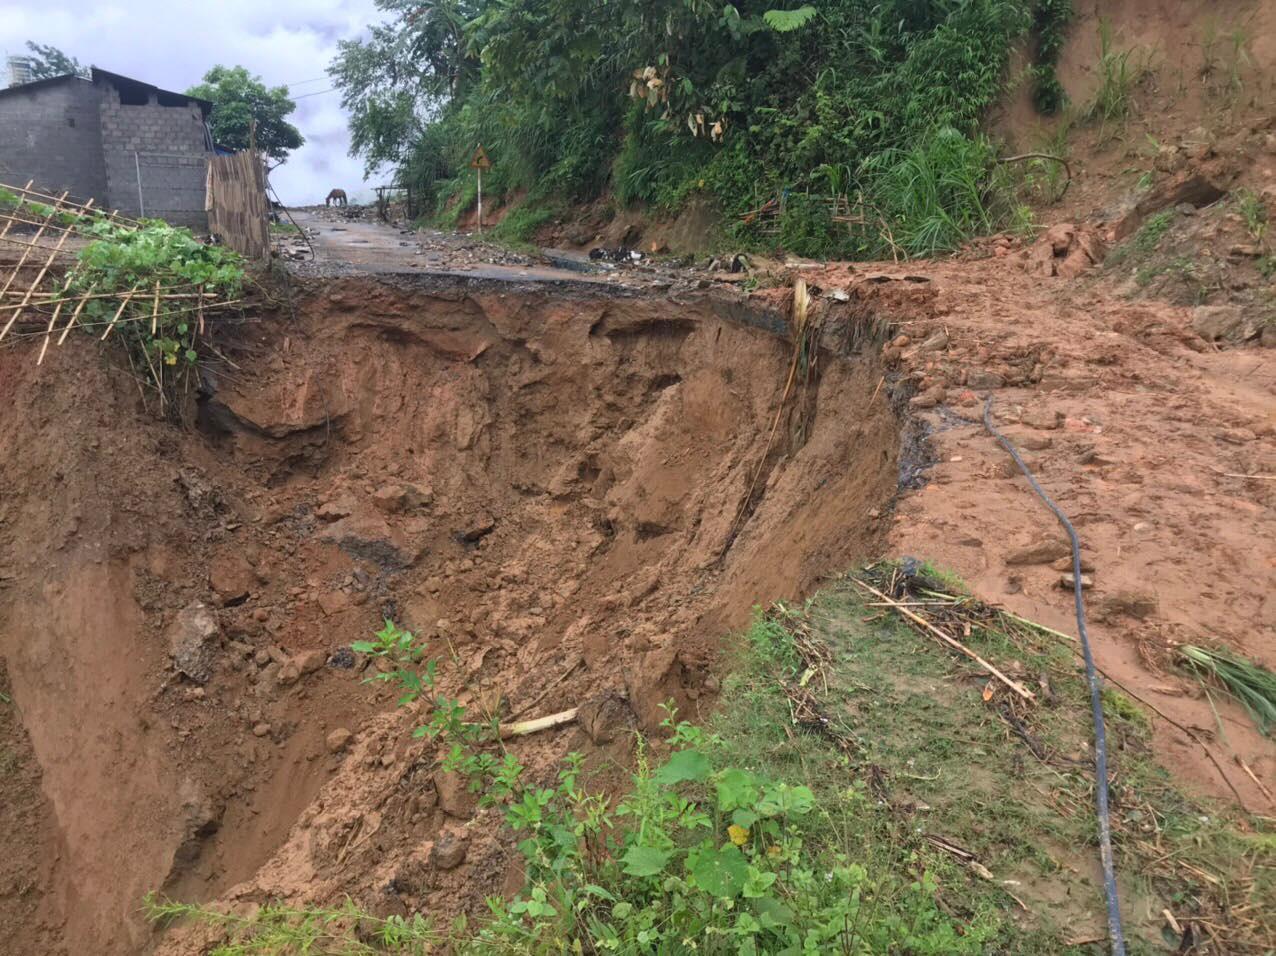 Phó Thủ tướng Trịnh Đình Dũng yêu cầu khẩn trương ứng phó, khắc phục hậu quả mưa lũ